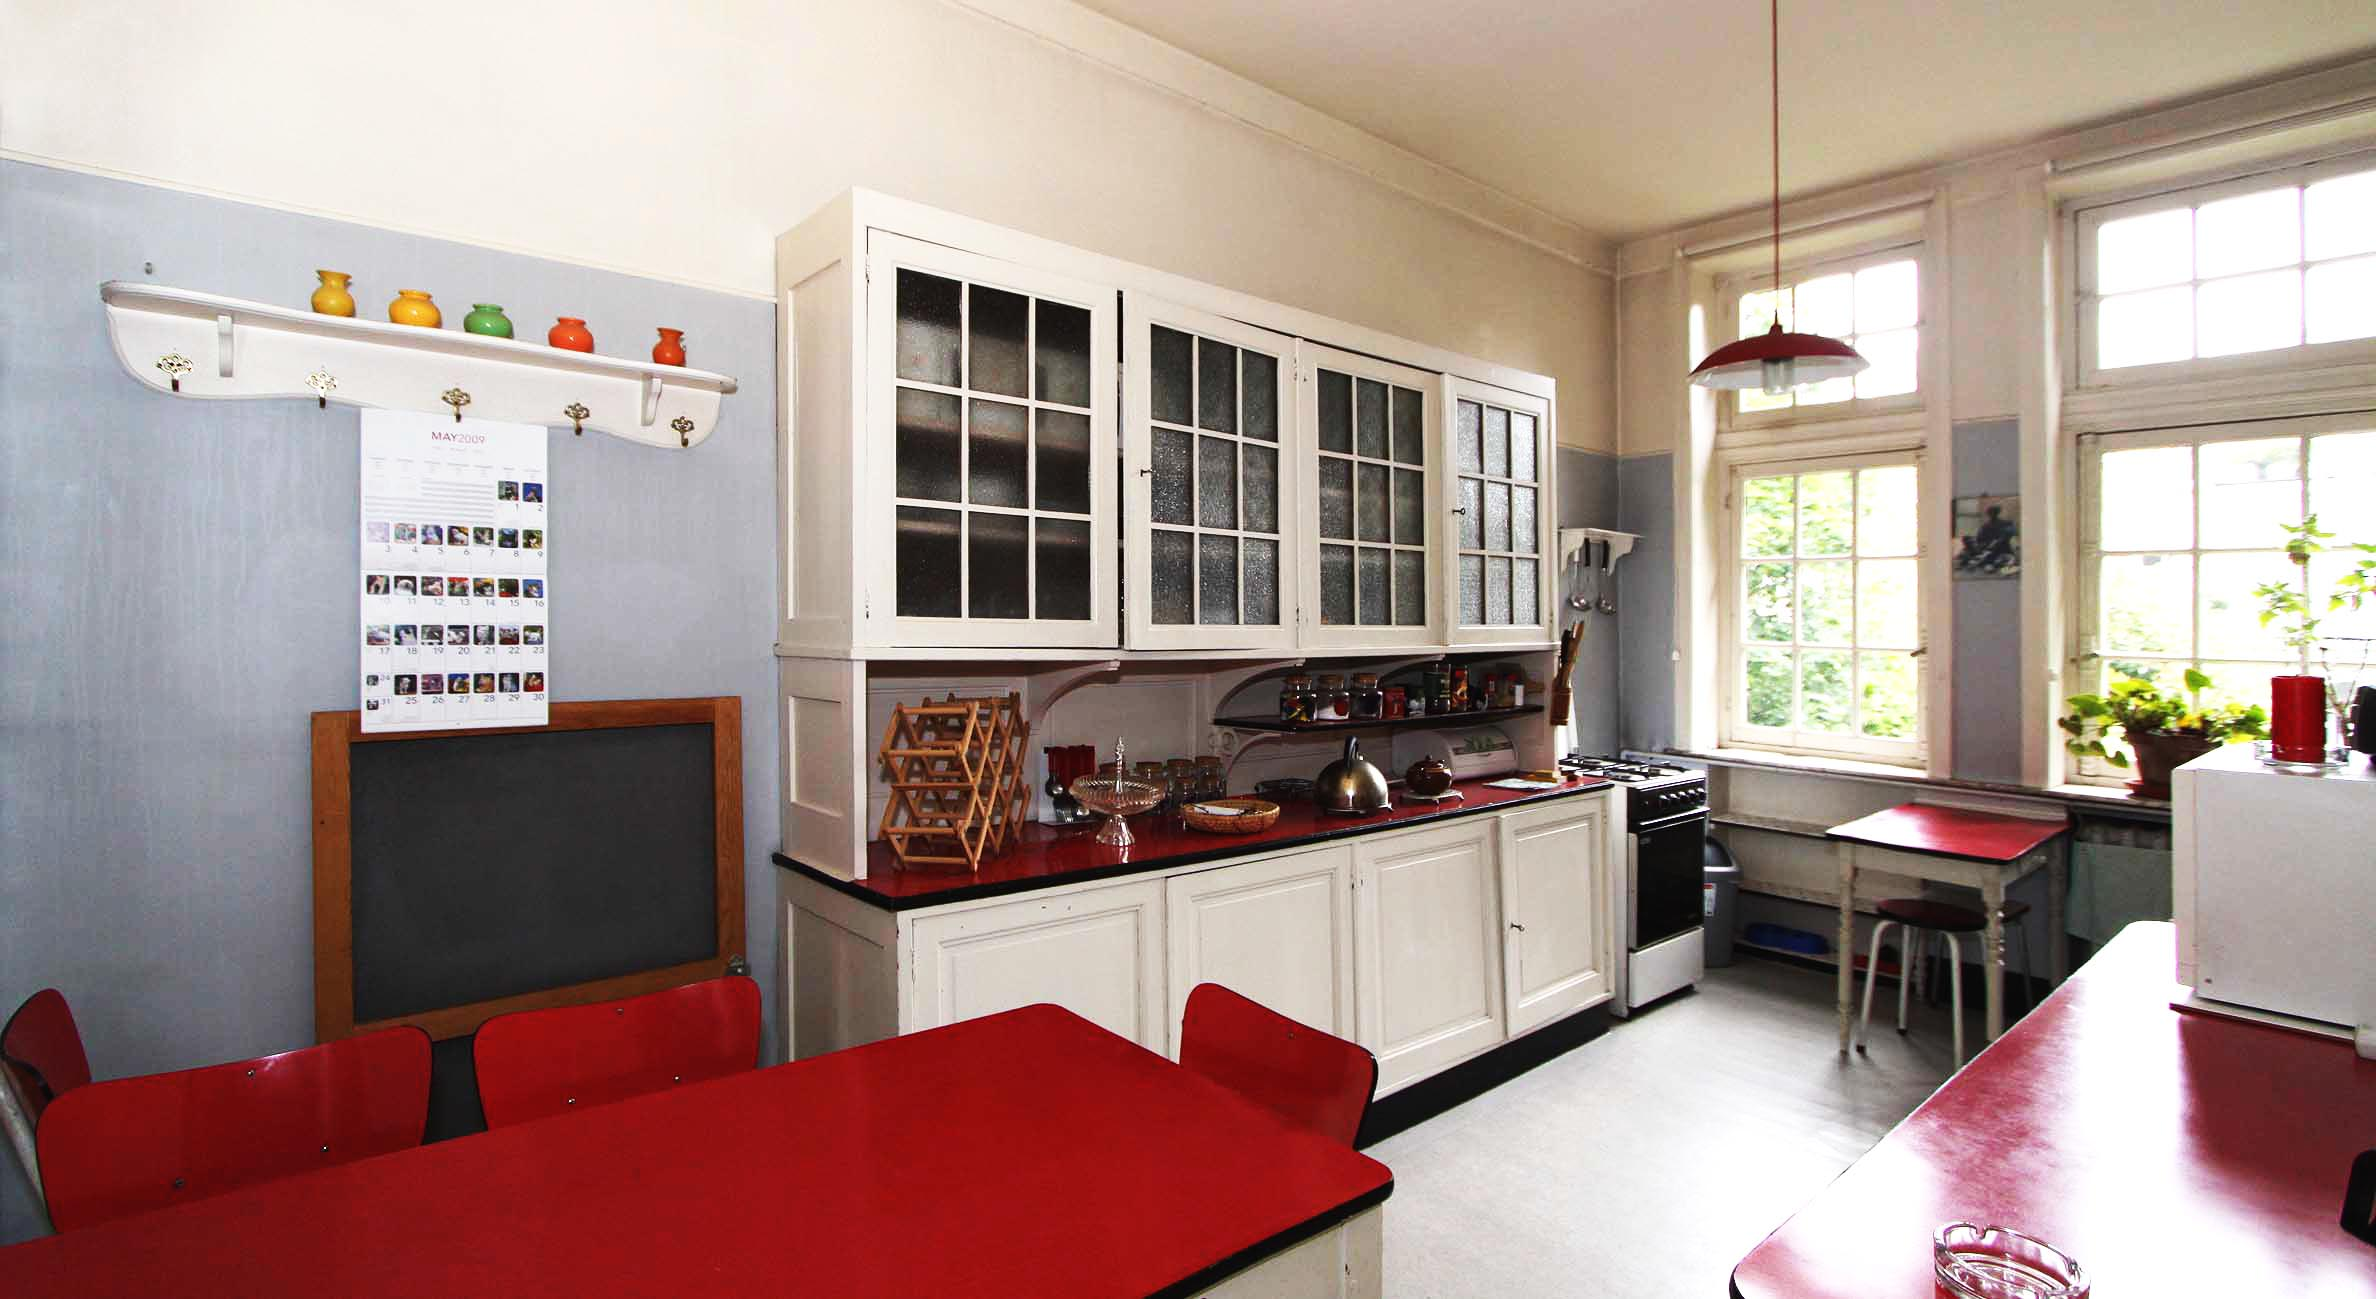 Appartement à vendre: demander l'assistance d'un expert